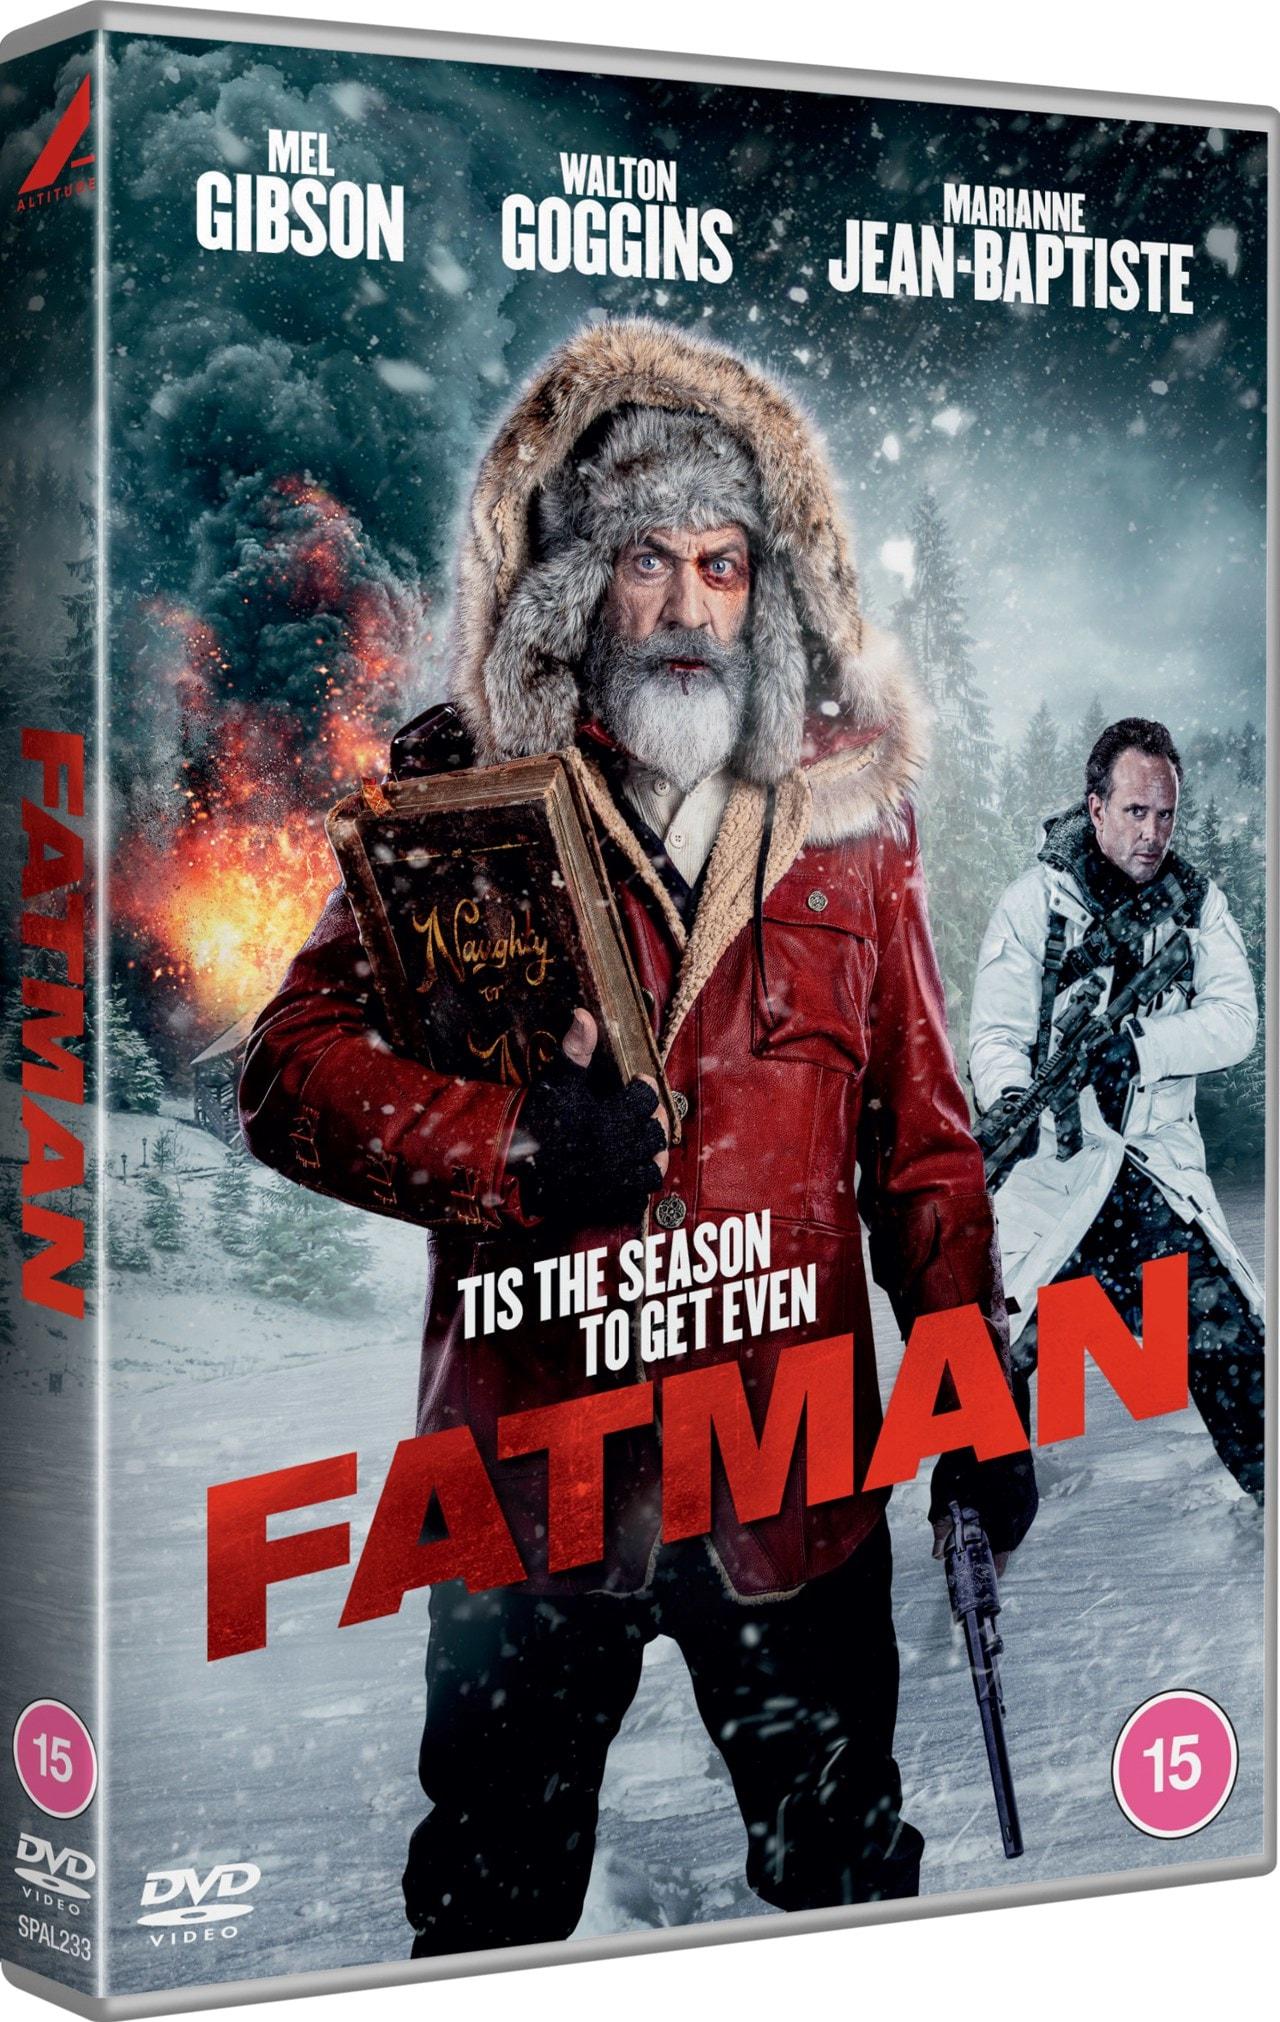 Fatman - 2